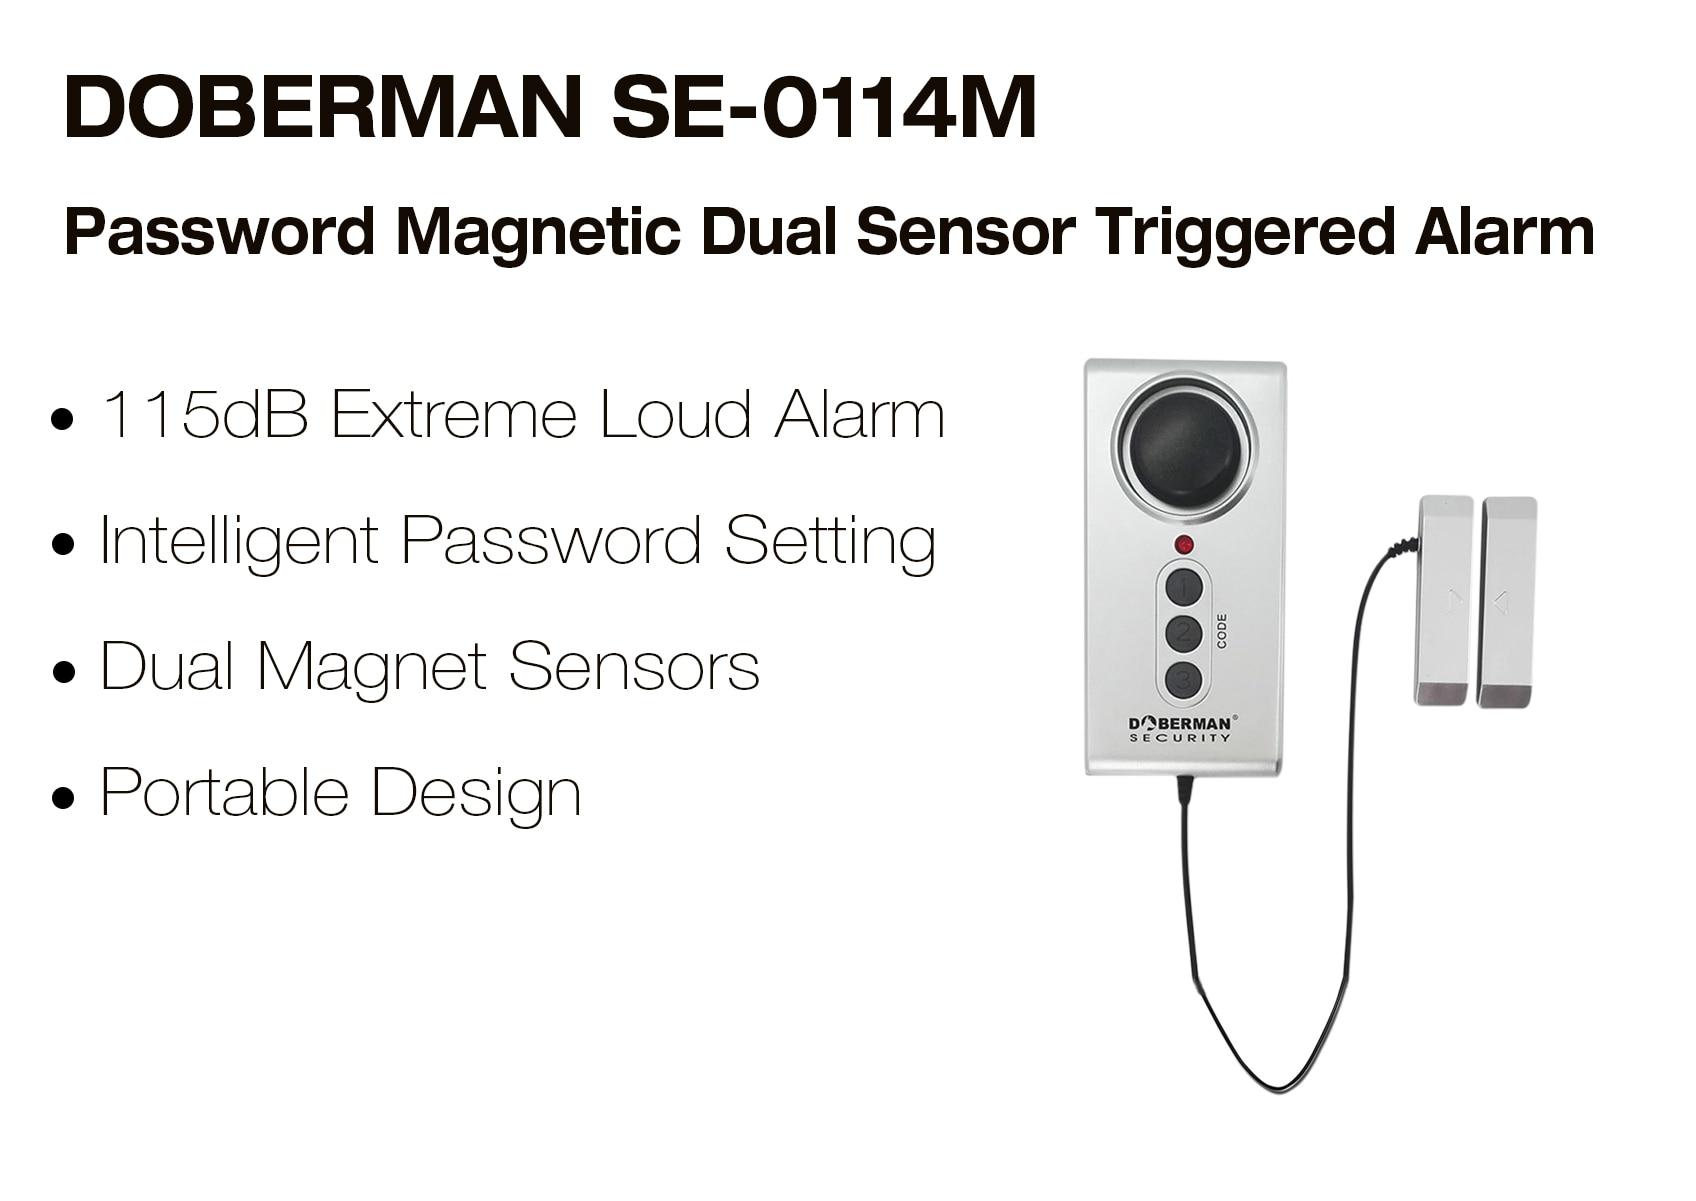 DOBERMAN Security SE-0114M Alarm